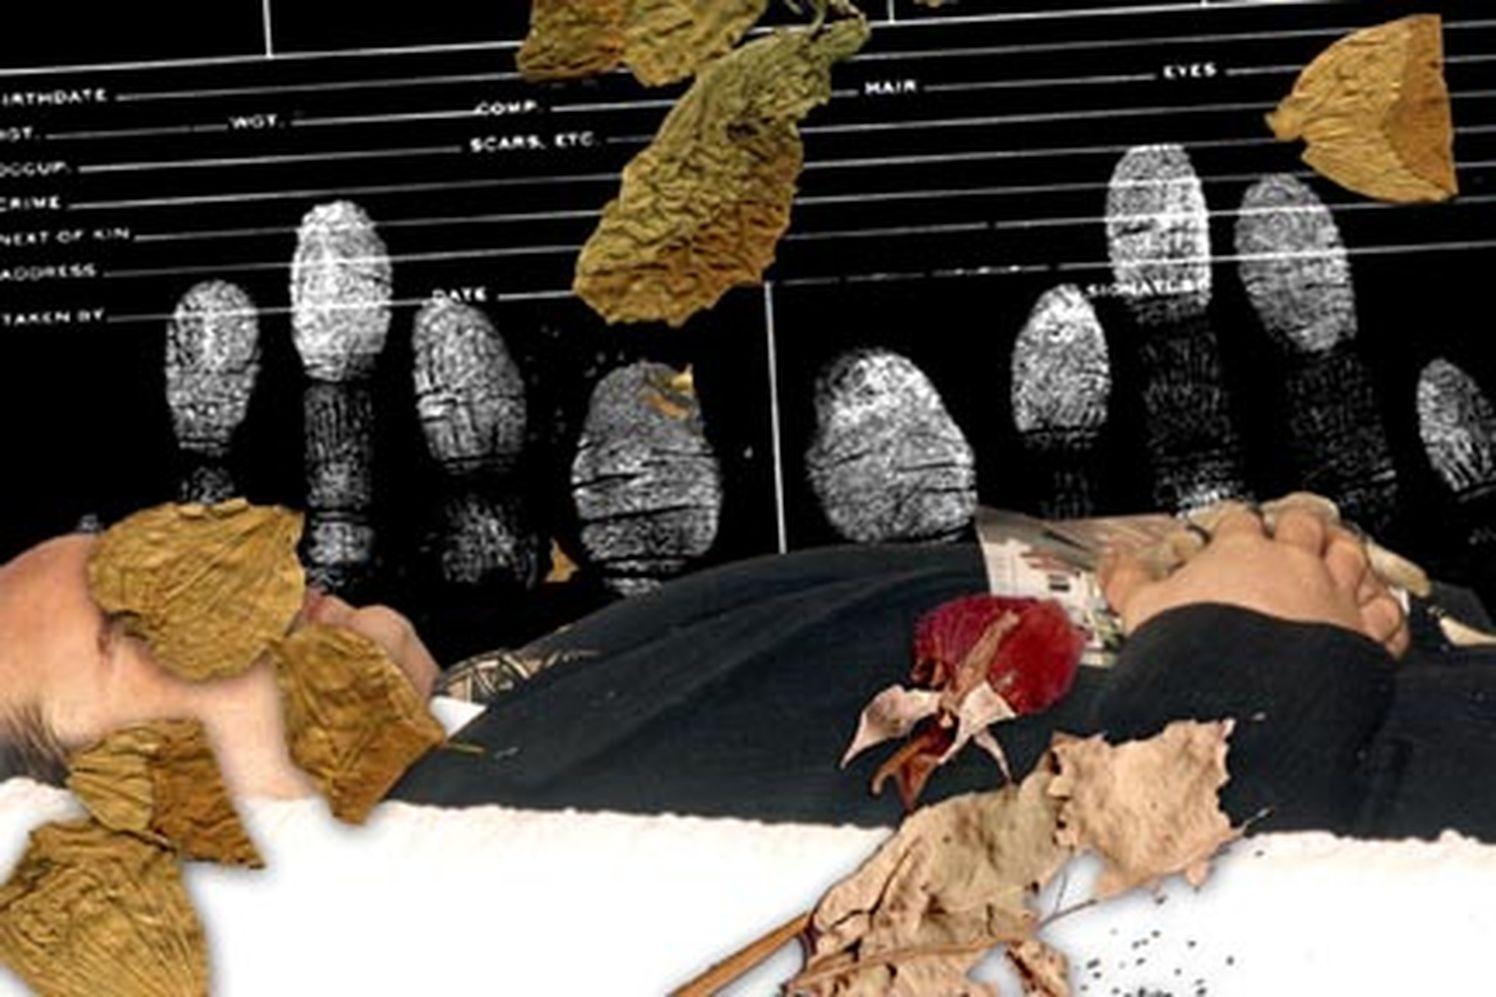 Imprints 2